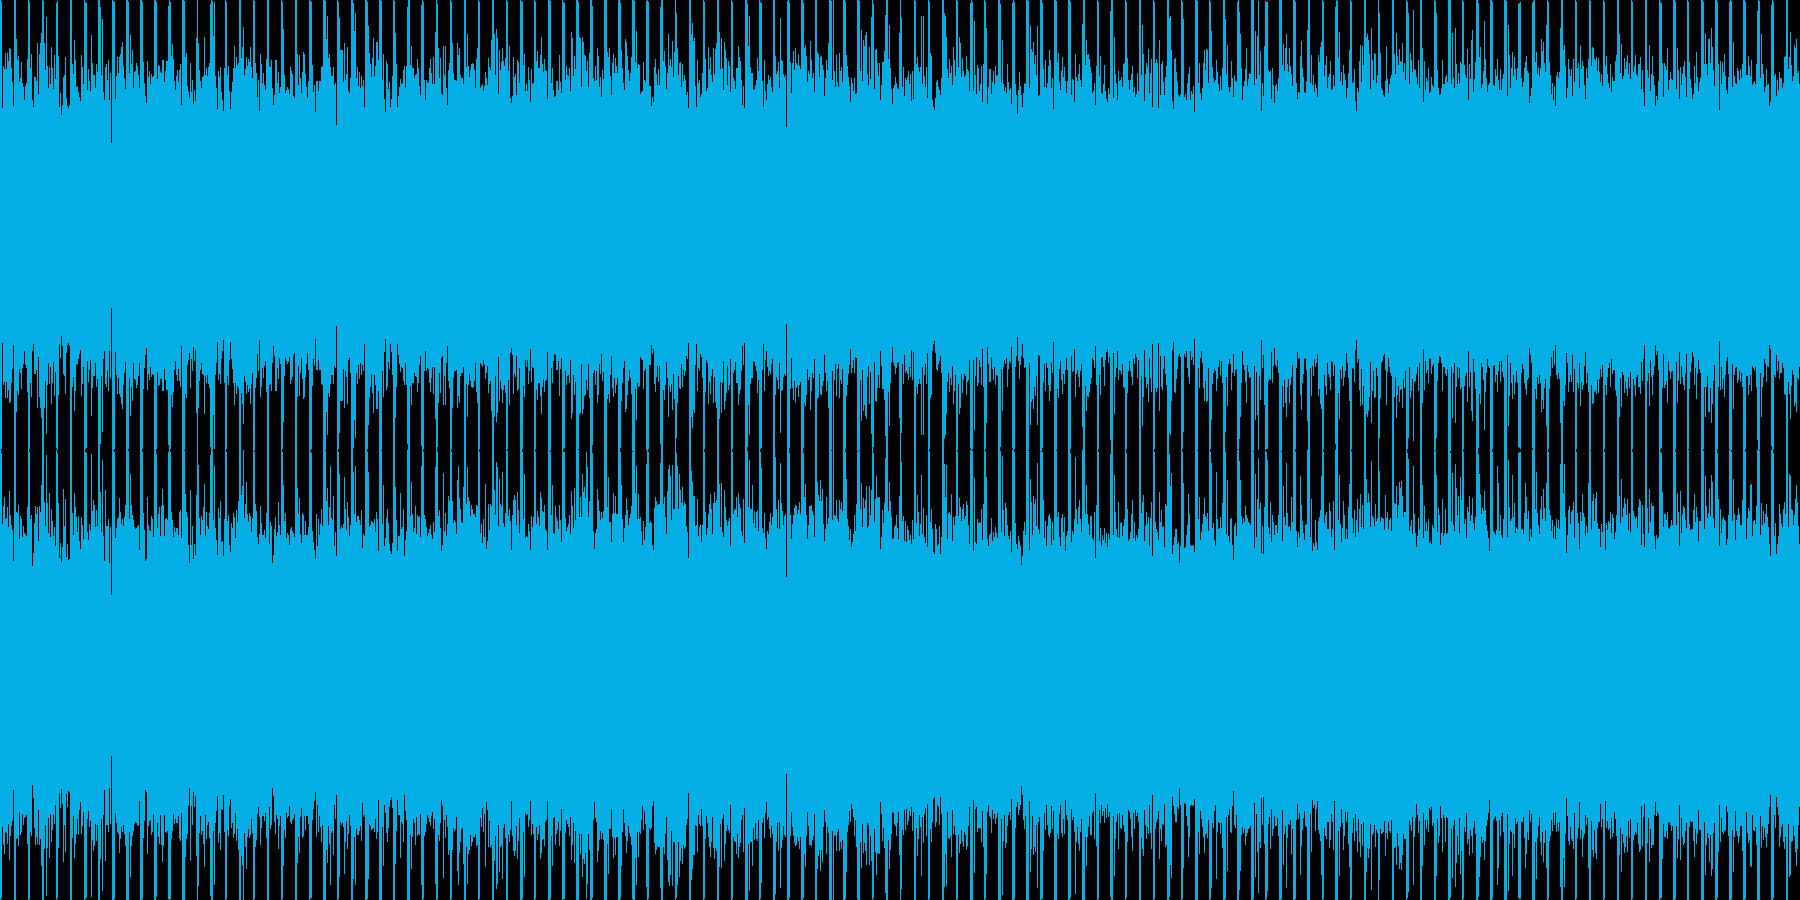 ニュース番組・インダストリー・ループの再生済みの波形